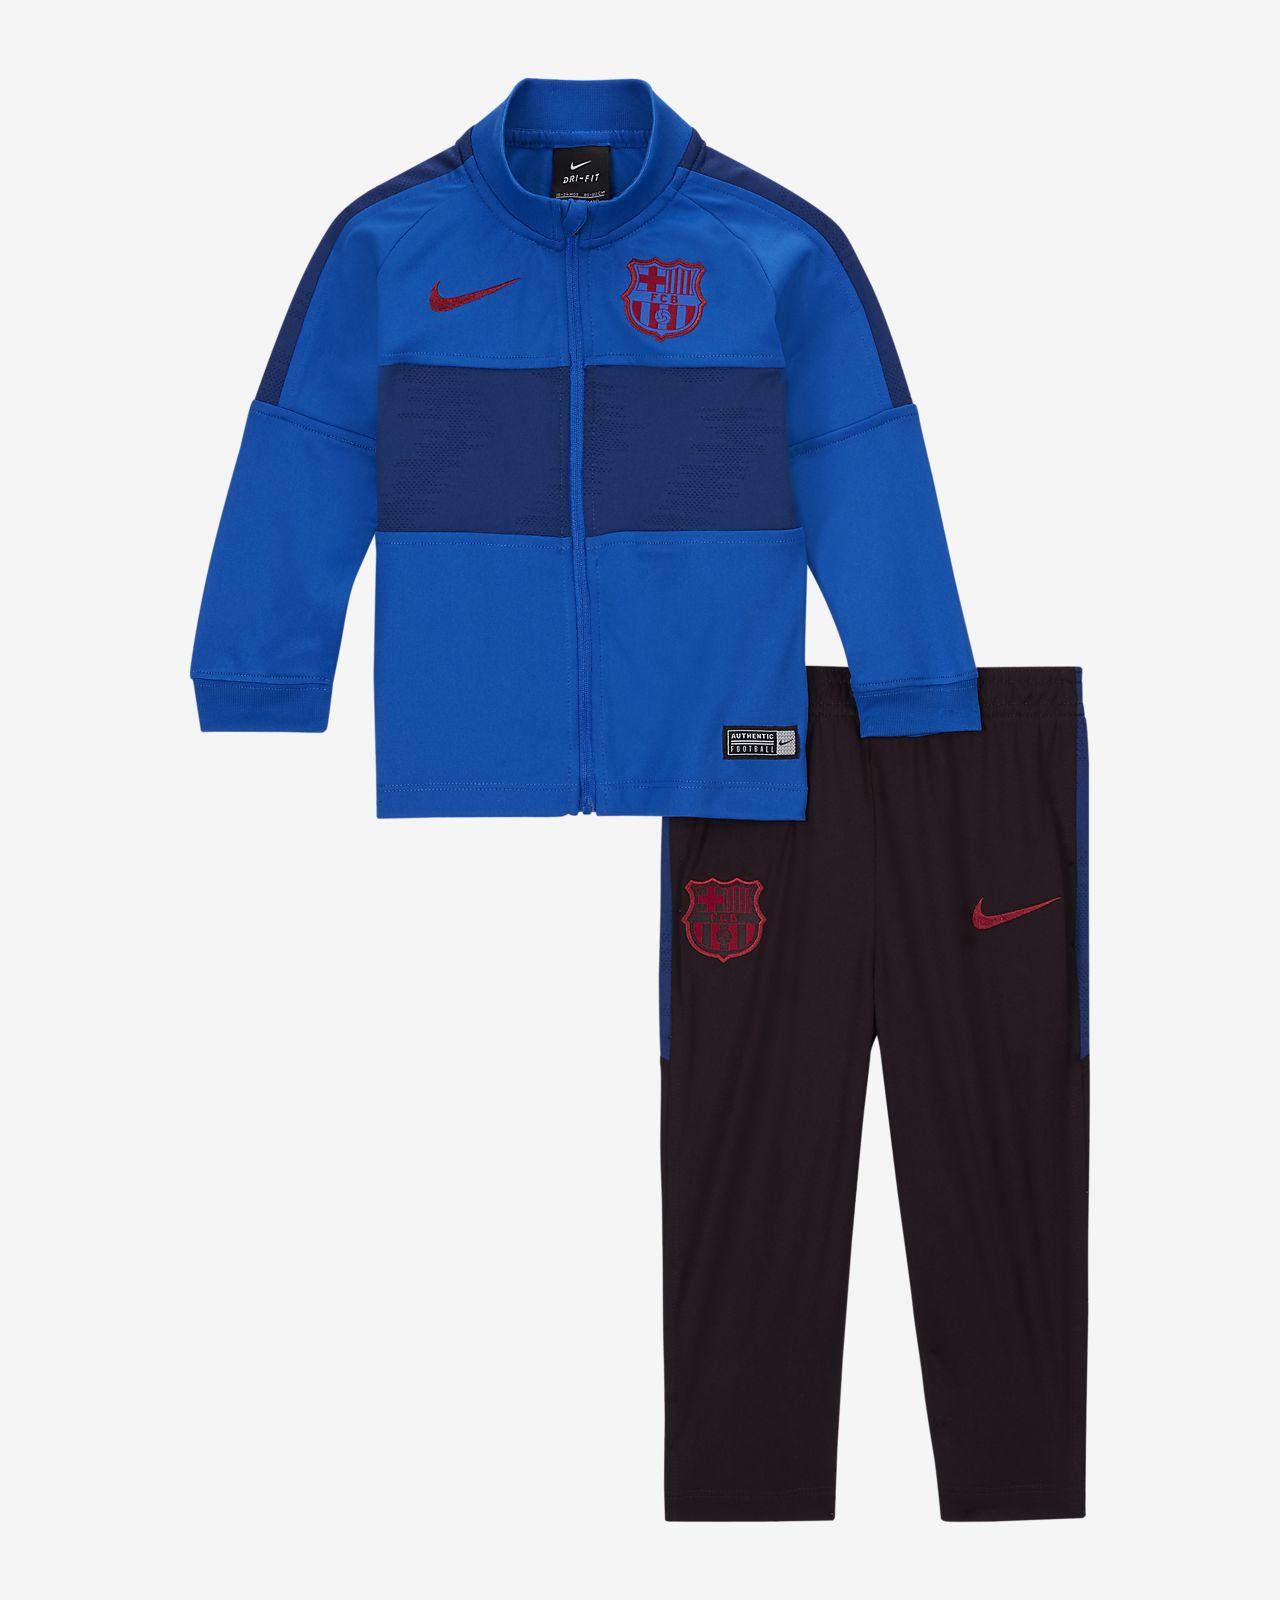 Φόρμα FC Barcelona Strike για βρέφη και νήπια